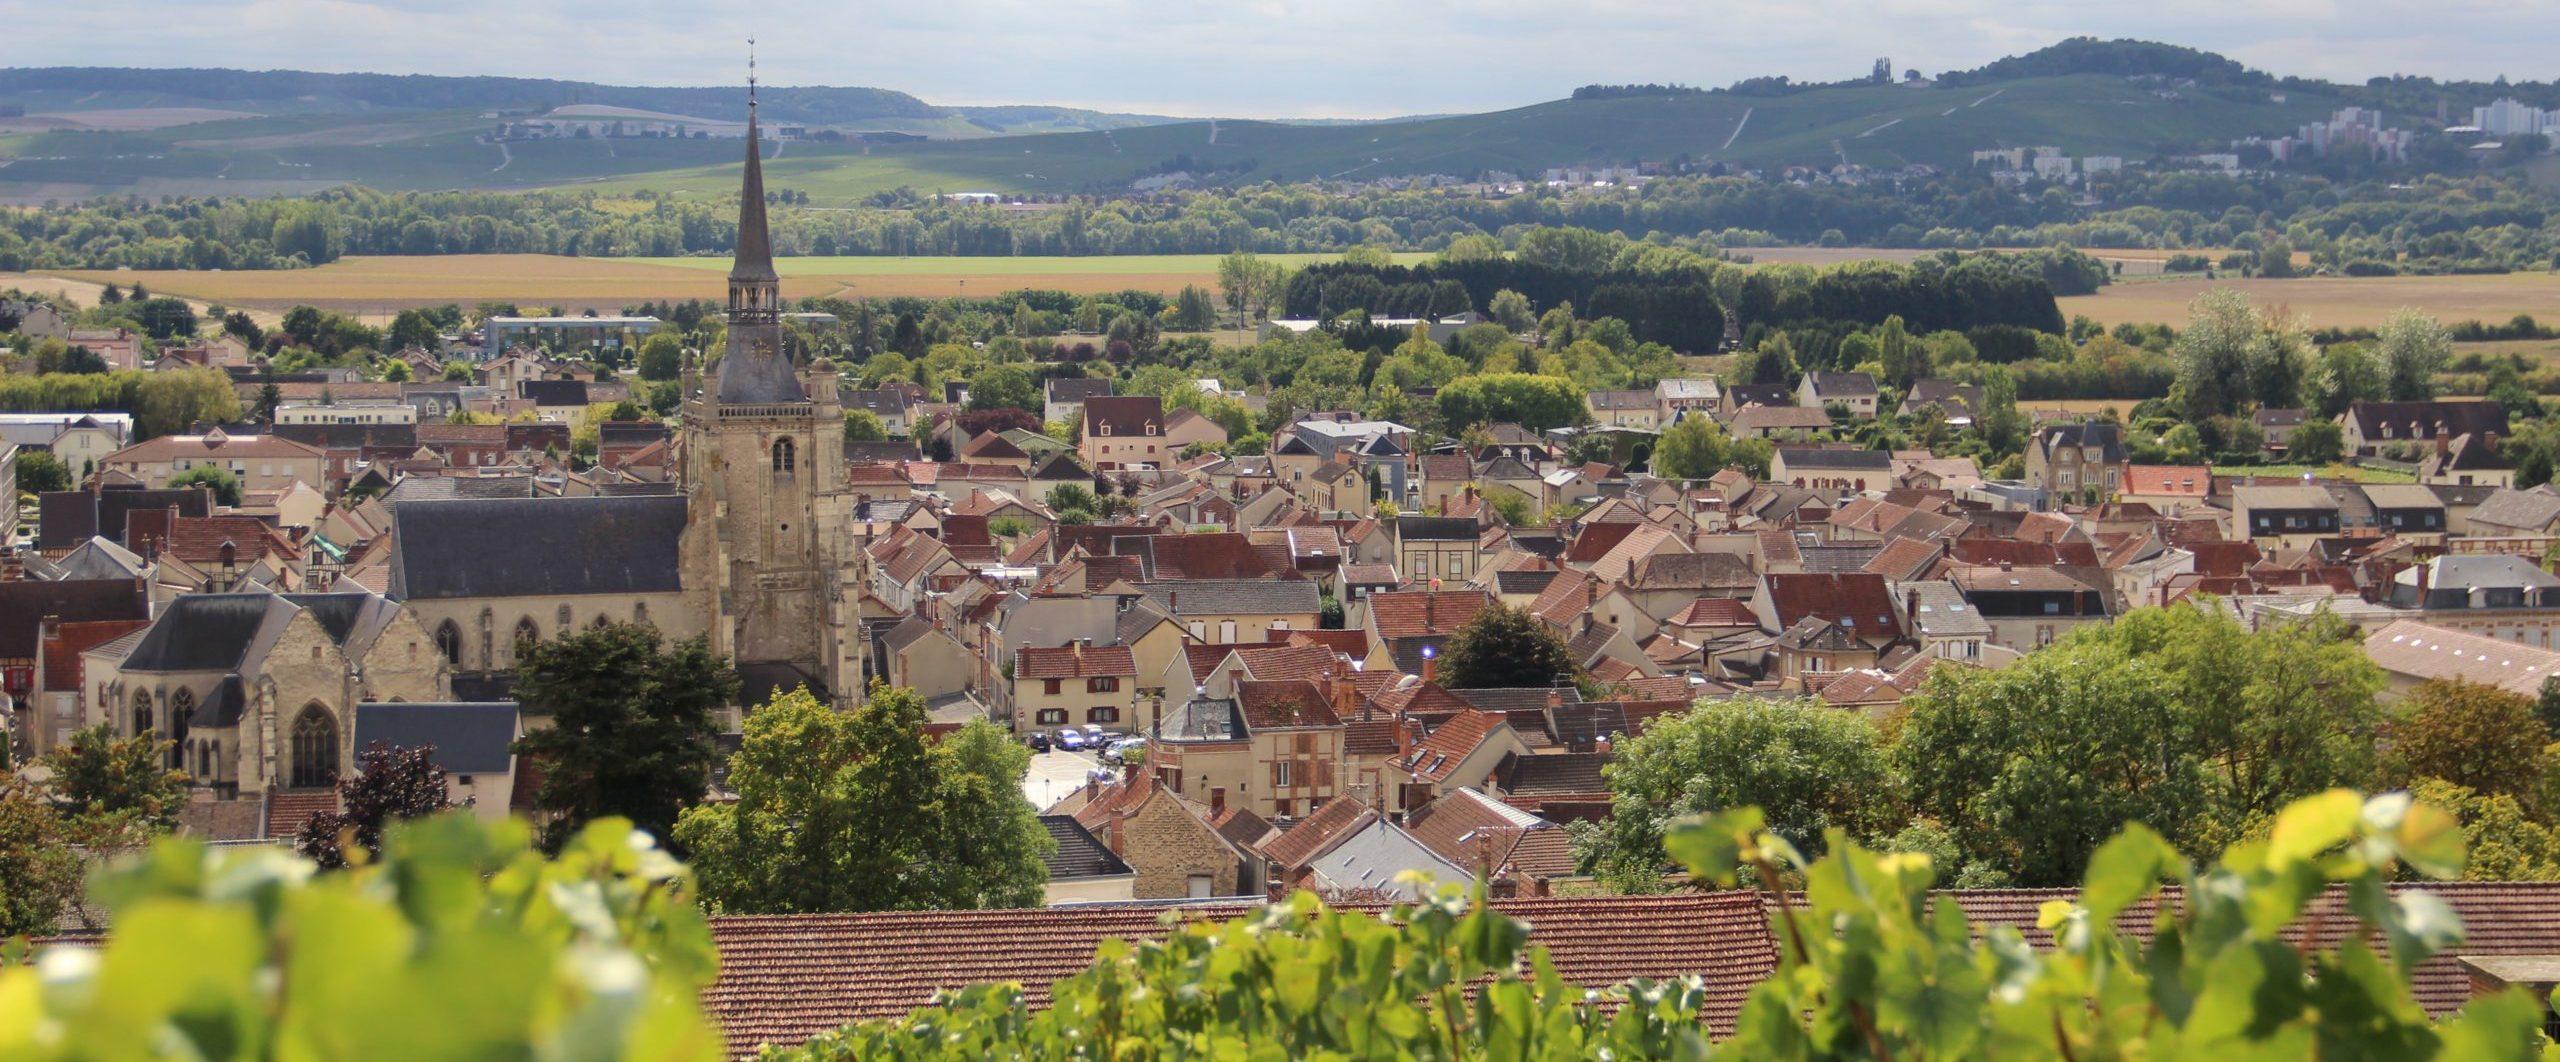 vue sur Aÿ-Champagne depuis les essors